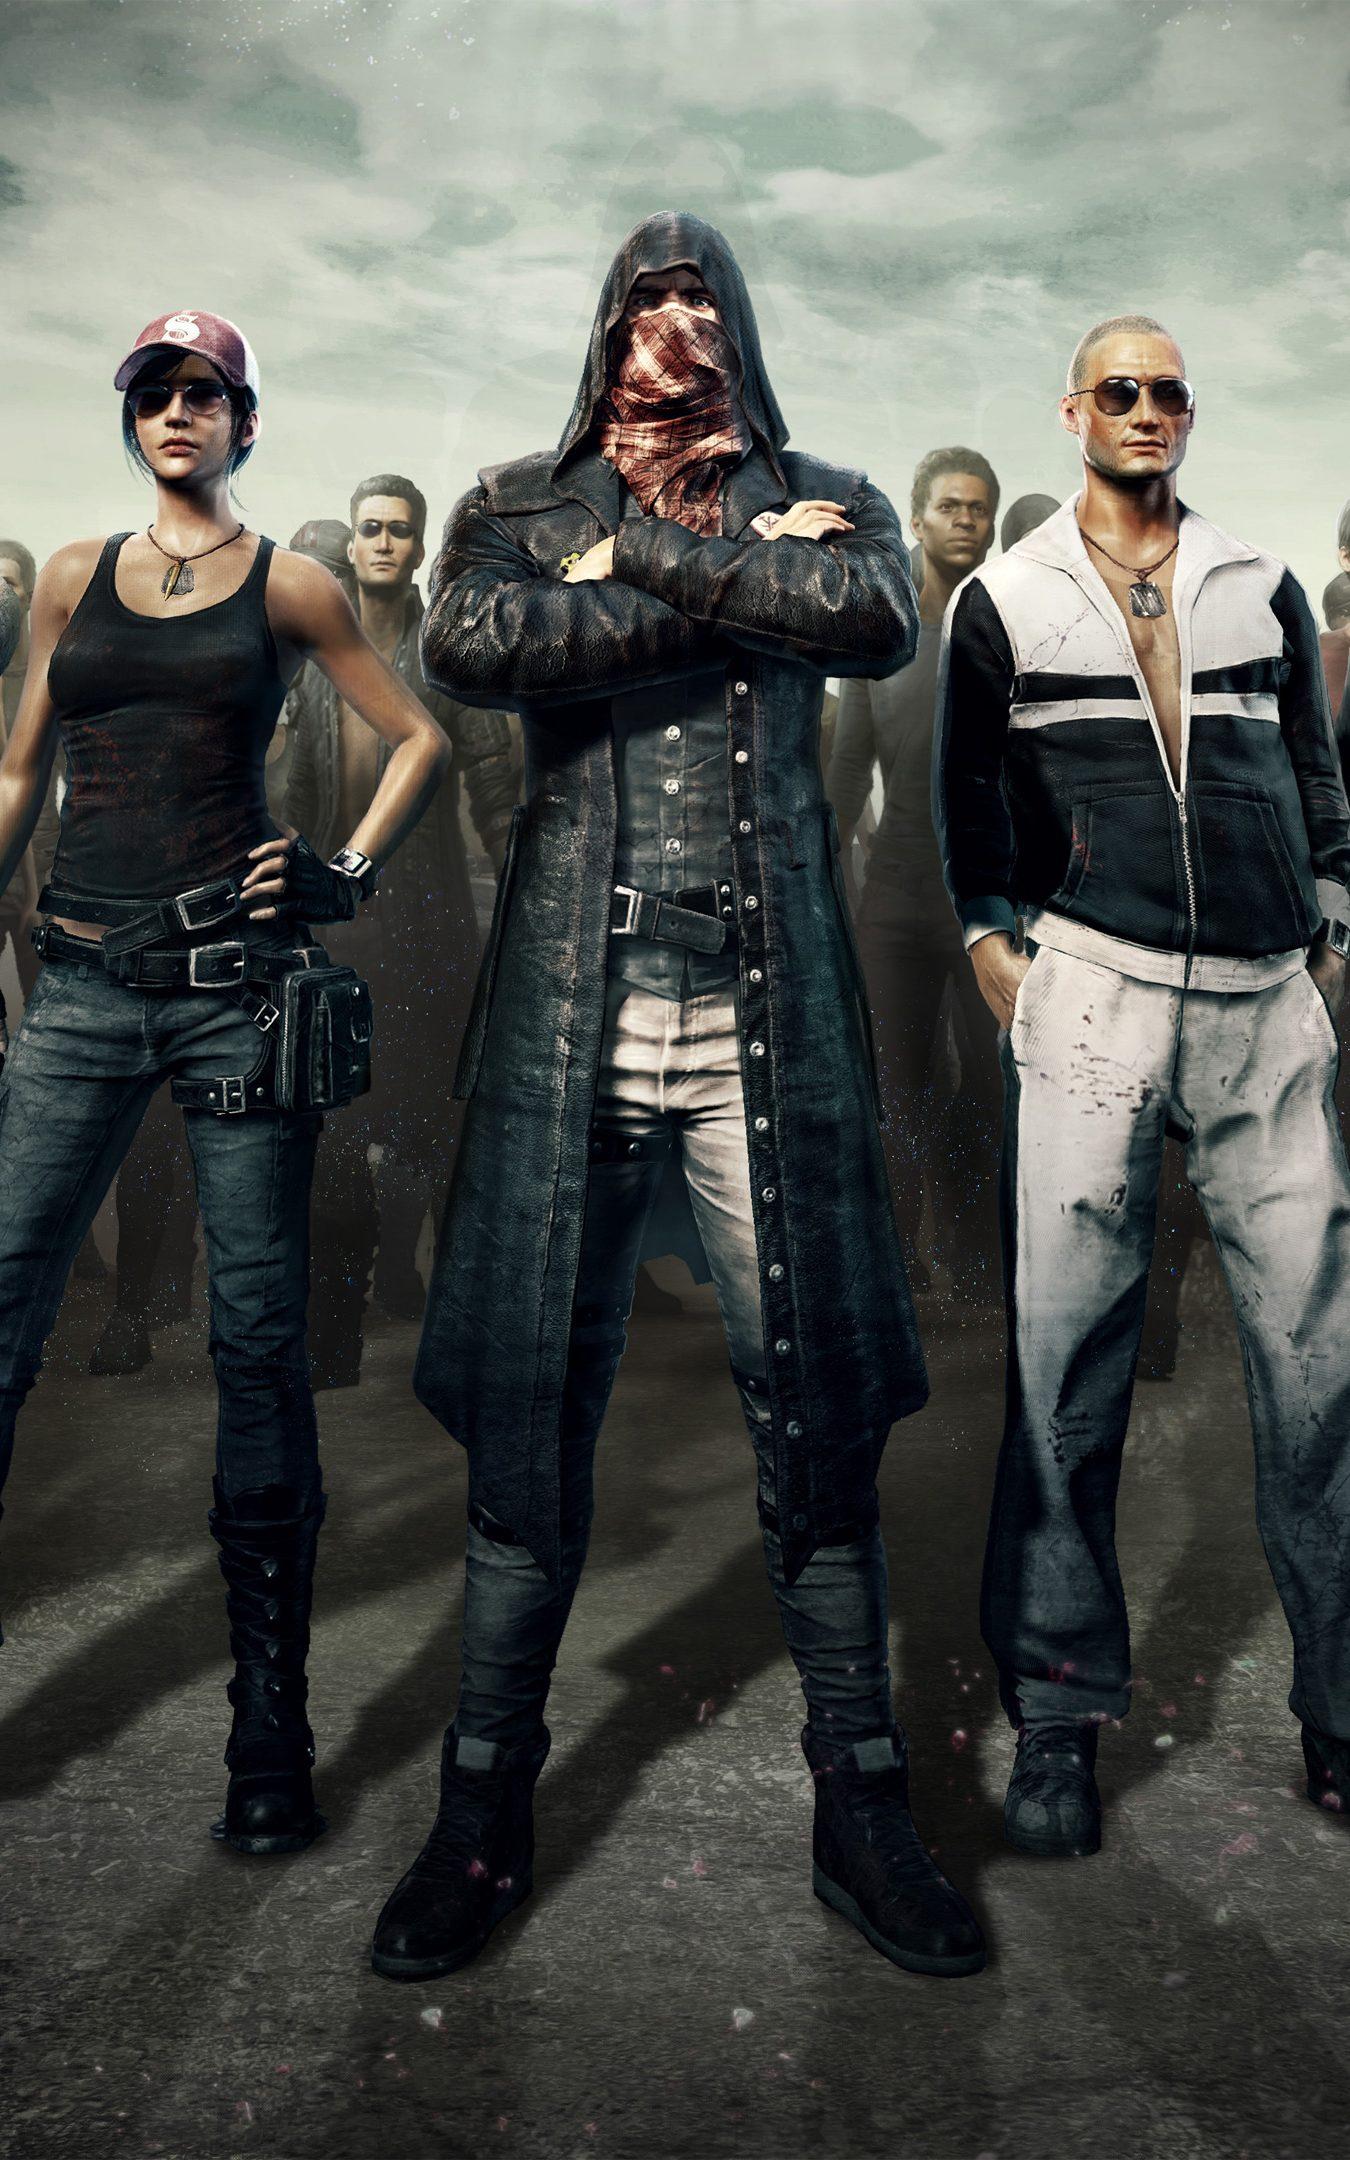 playerunknowns battlegrounds pubg wallpaper hd download